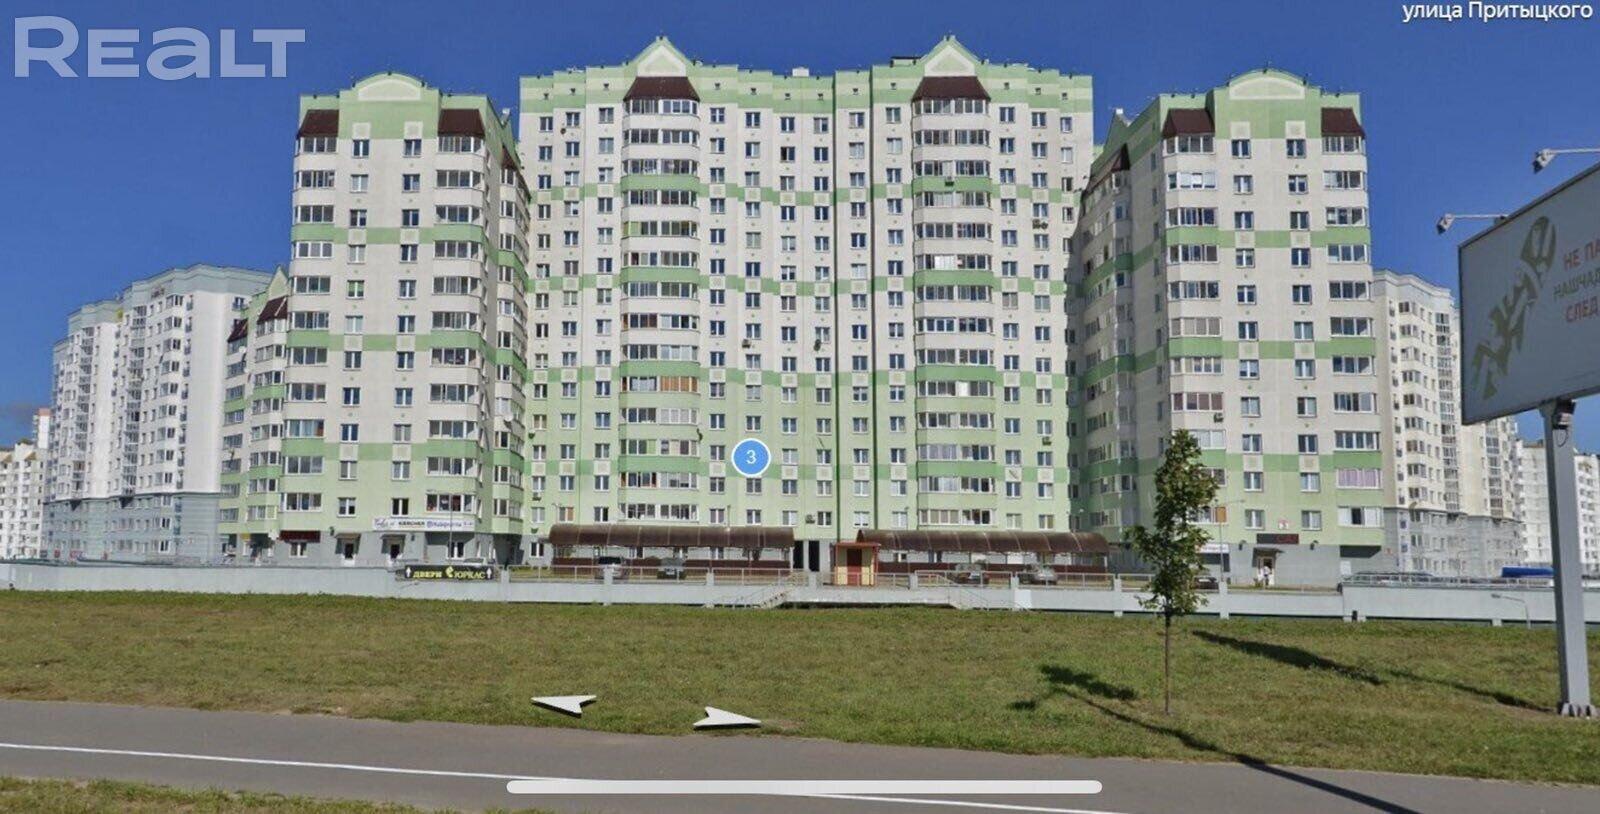 Продажа 2-х комнатной квартиры в г. Минске, ул. Неманская, дом 3 (р-н Каменная горка). Цена 191 164 руб c торгом